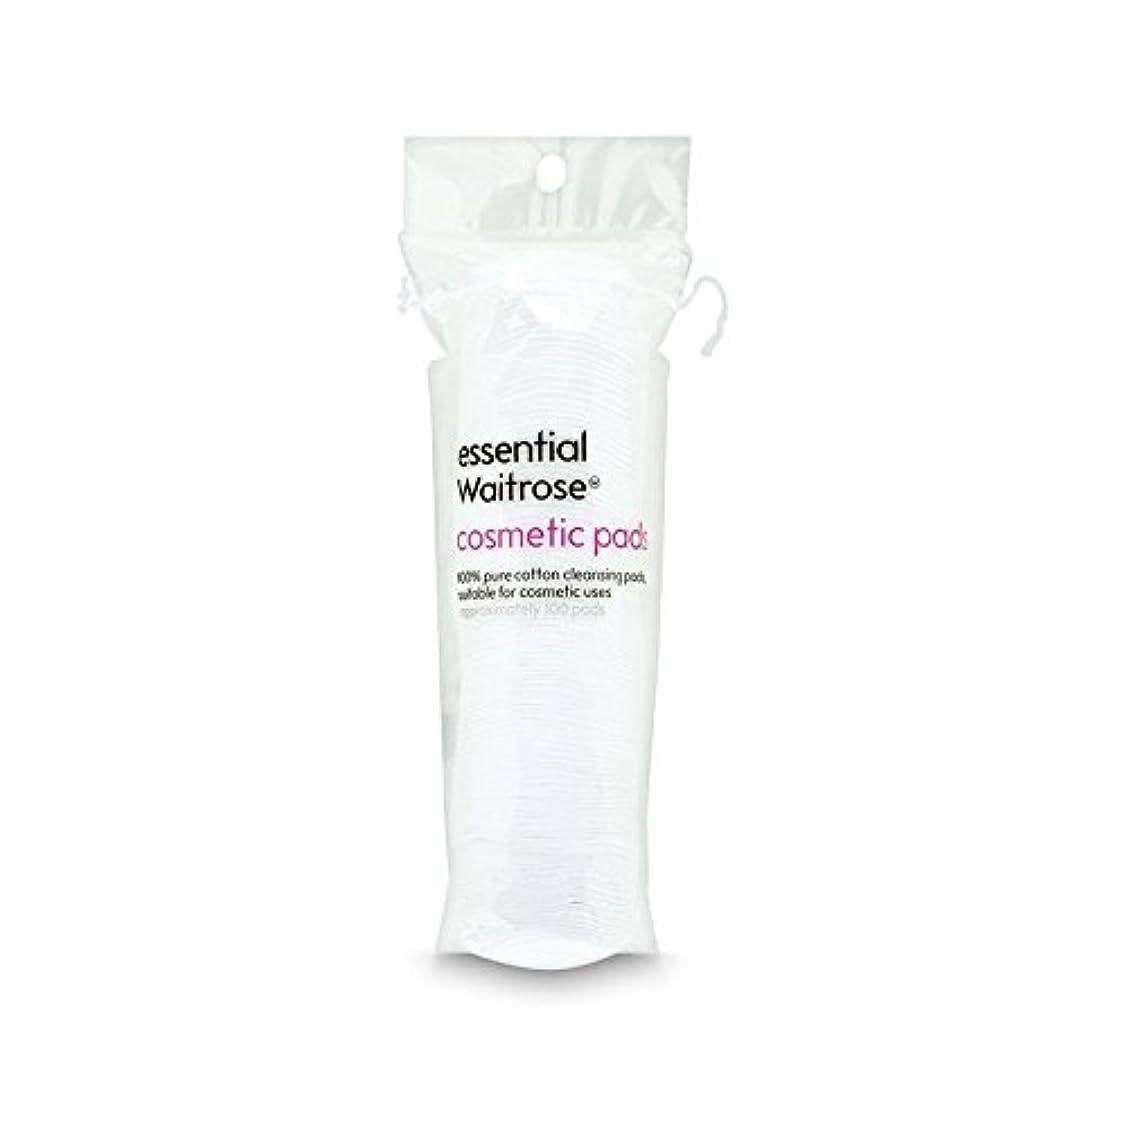 討論学者アスリート純粋な綿パッドパックあたり不可欠ウェイトローズ100 (Waitrose Essentials) - Pure Cotton Pads essential Waitrose 100 per pack [並行輸入品]